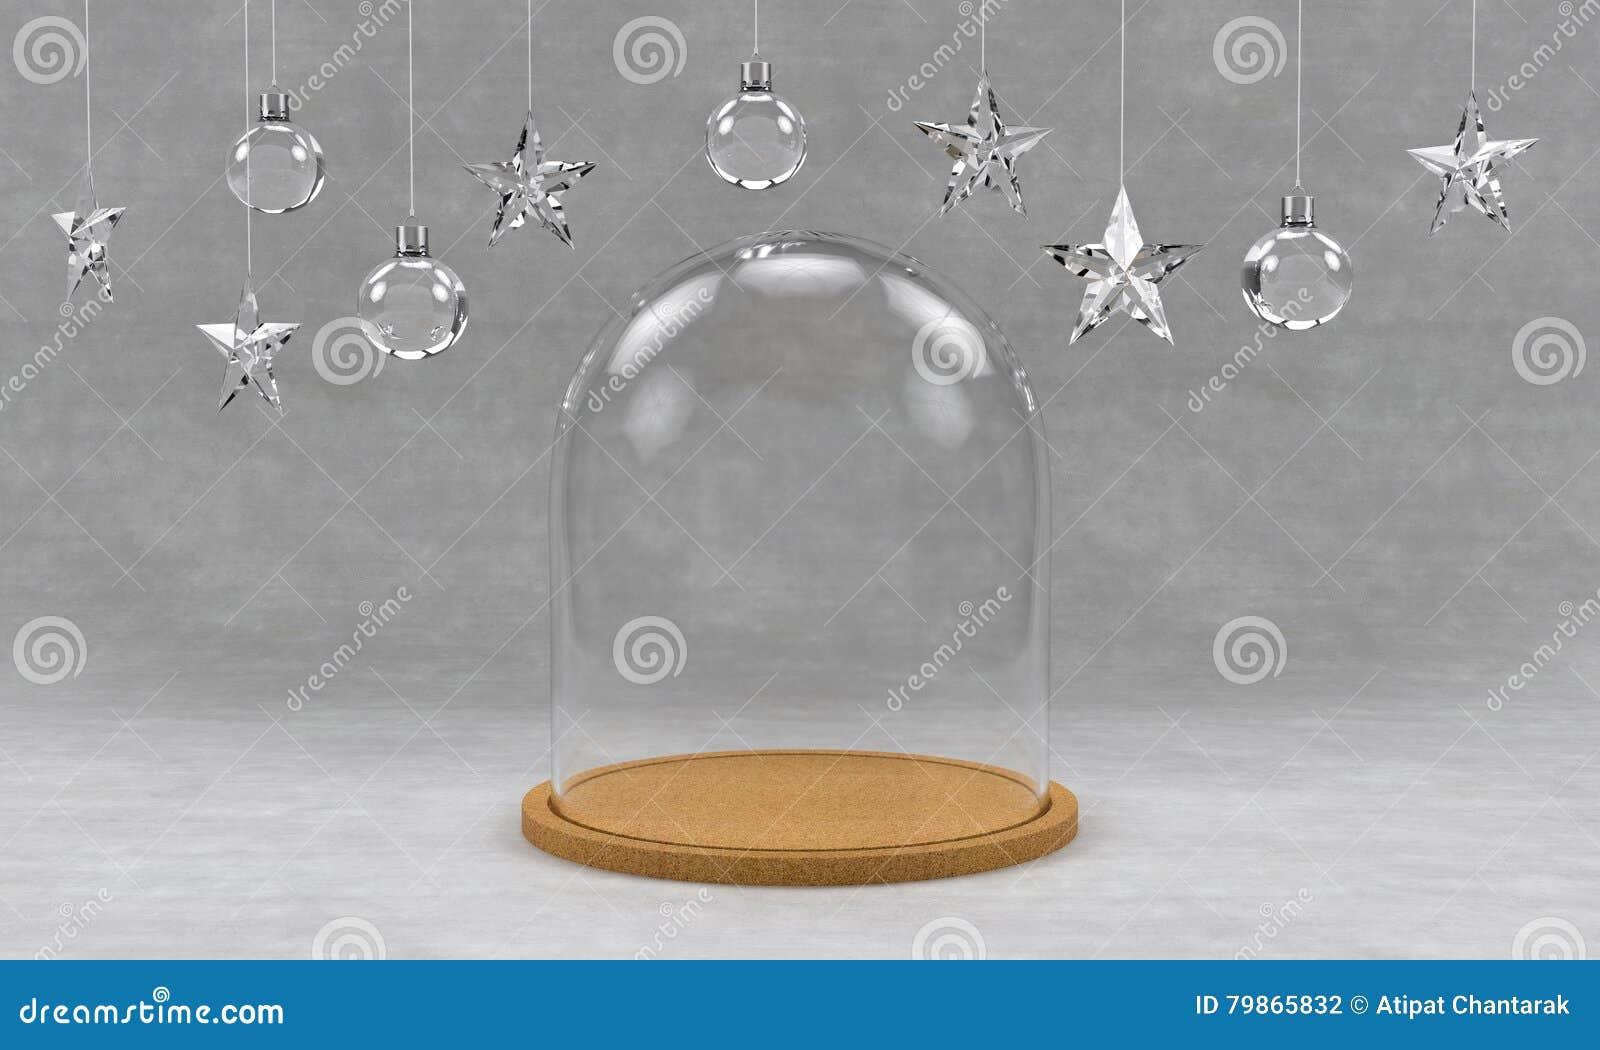 Vassoi In Legno Con Vetro : Cupola di vetro con il vassoio di legno su fondo concreto